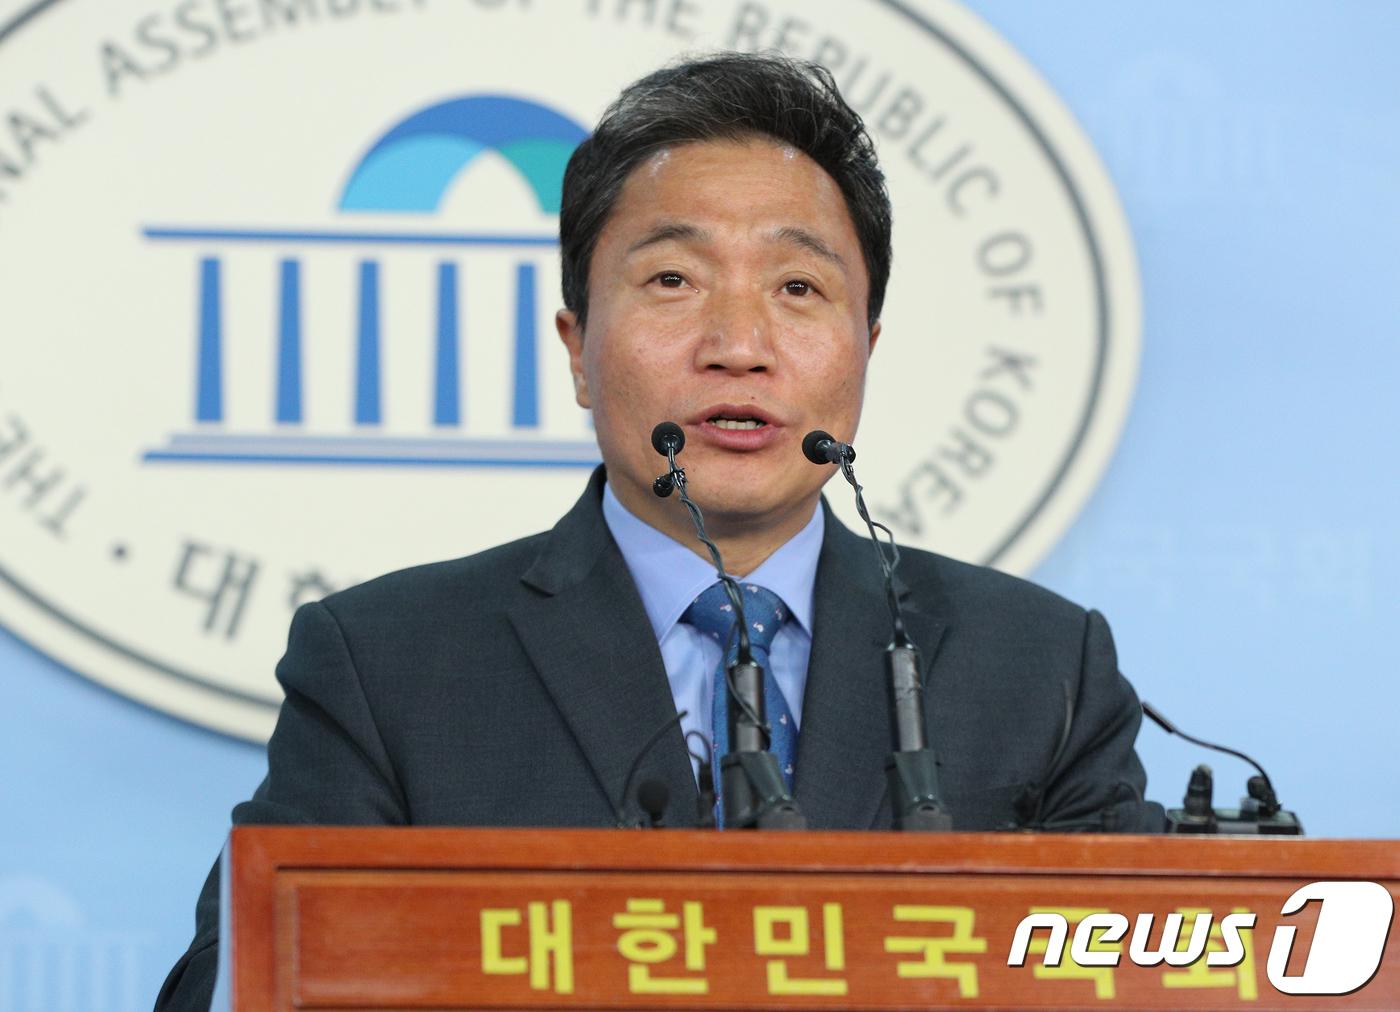 """한국당 '이학재 복당' 환영기류 속 잔류파 의원들은 """"우려""""[Cab? 토토 애월 토토]"""